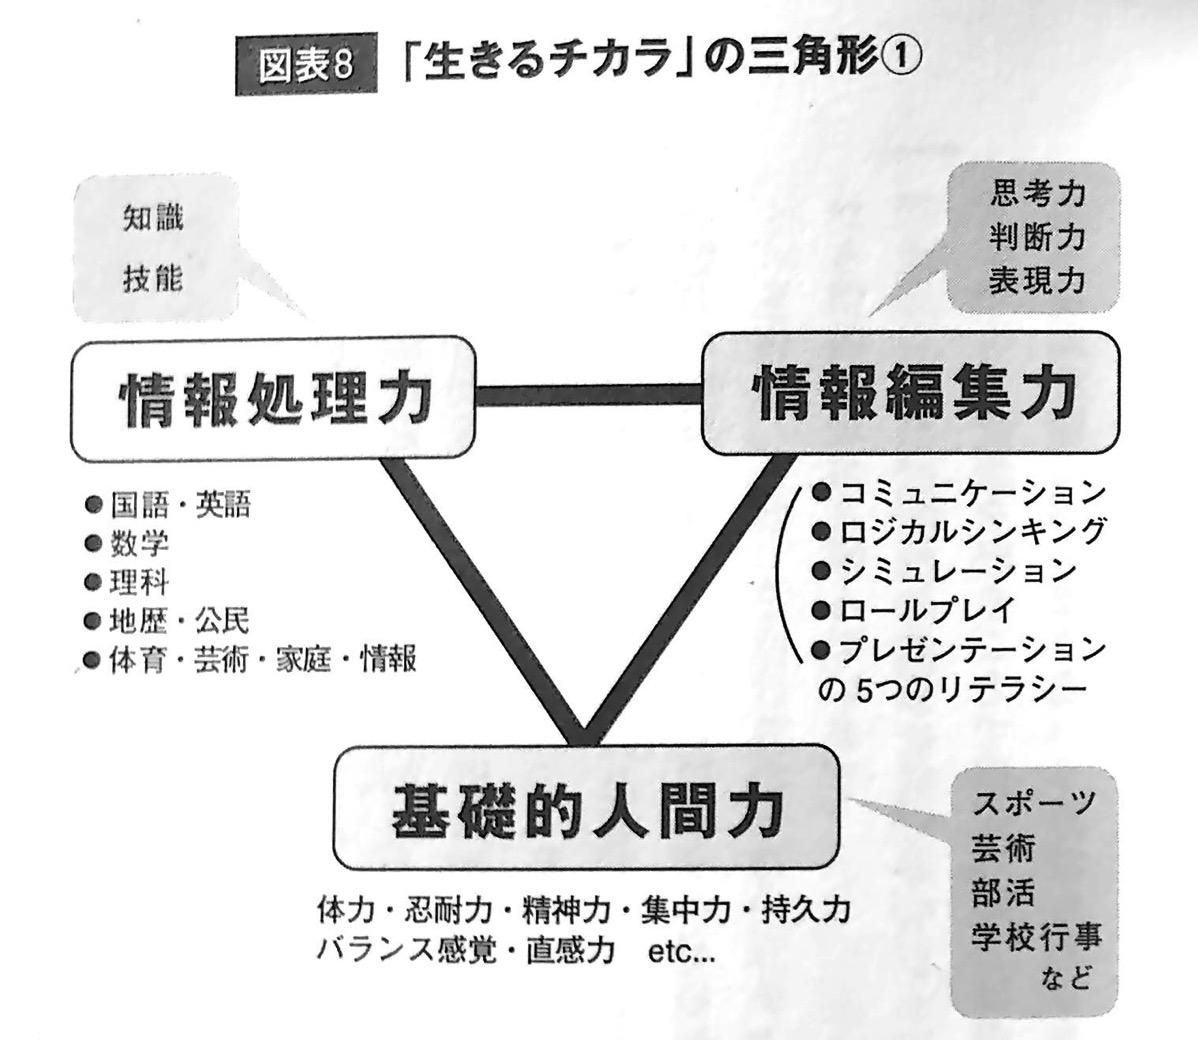 図表8 生きるチカラ の三角形① 第2章P39